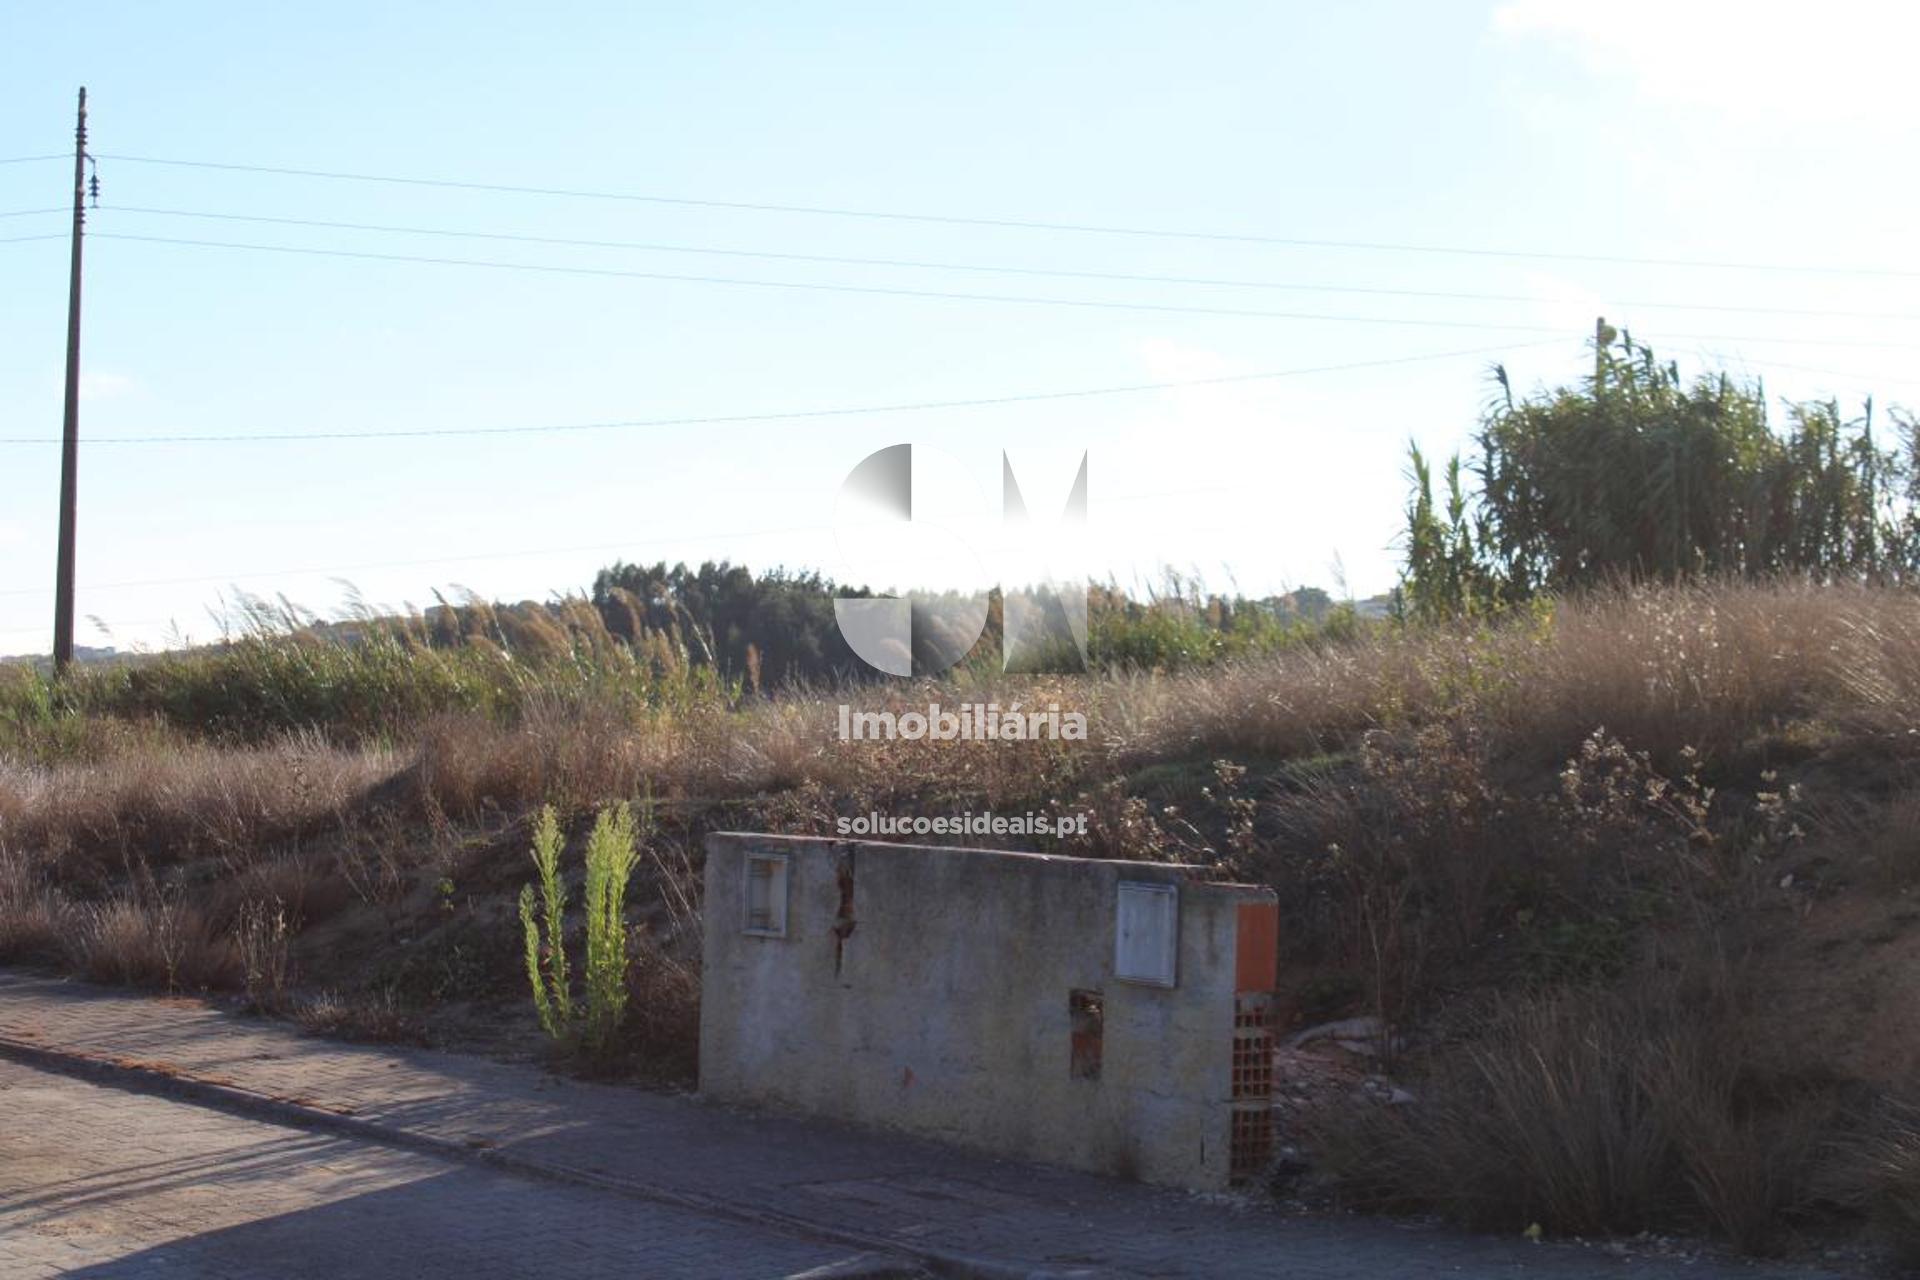 terreno para compra em lourinha uniao das freguesias de miragaia e marteleira LFCPM699_3